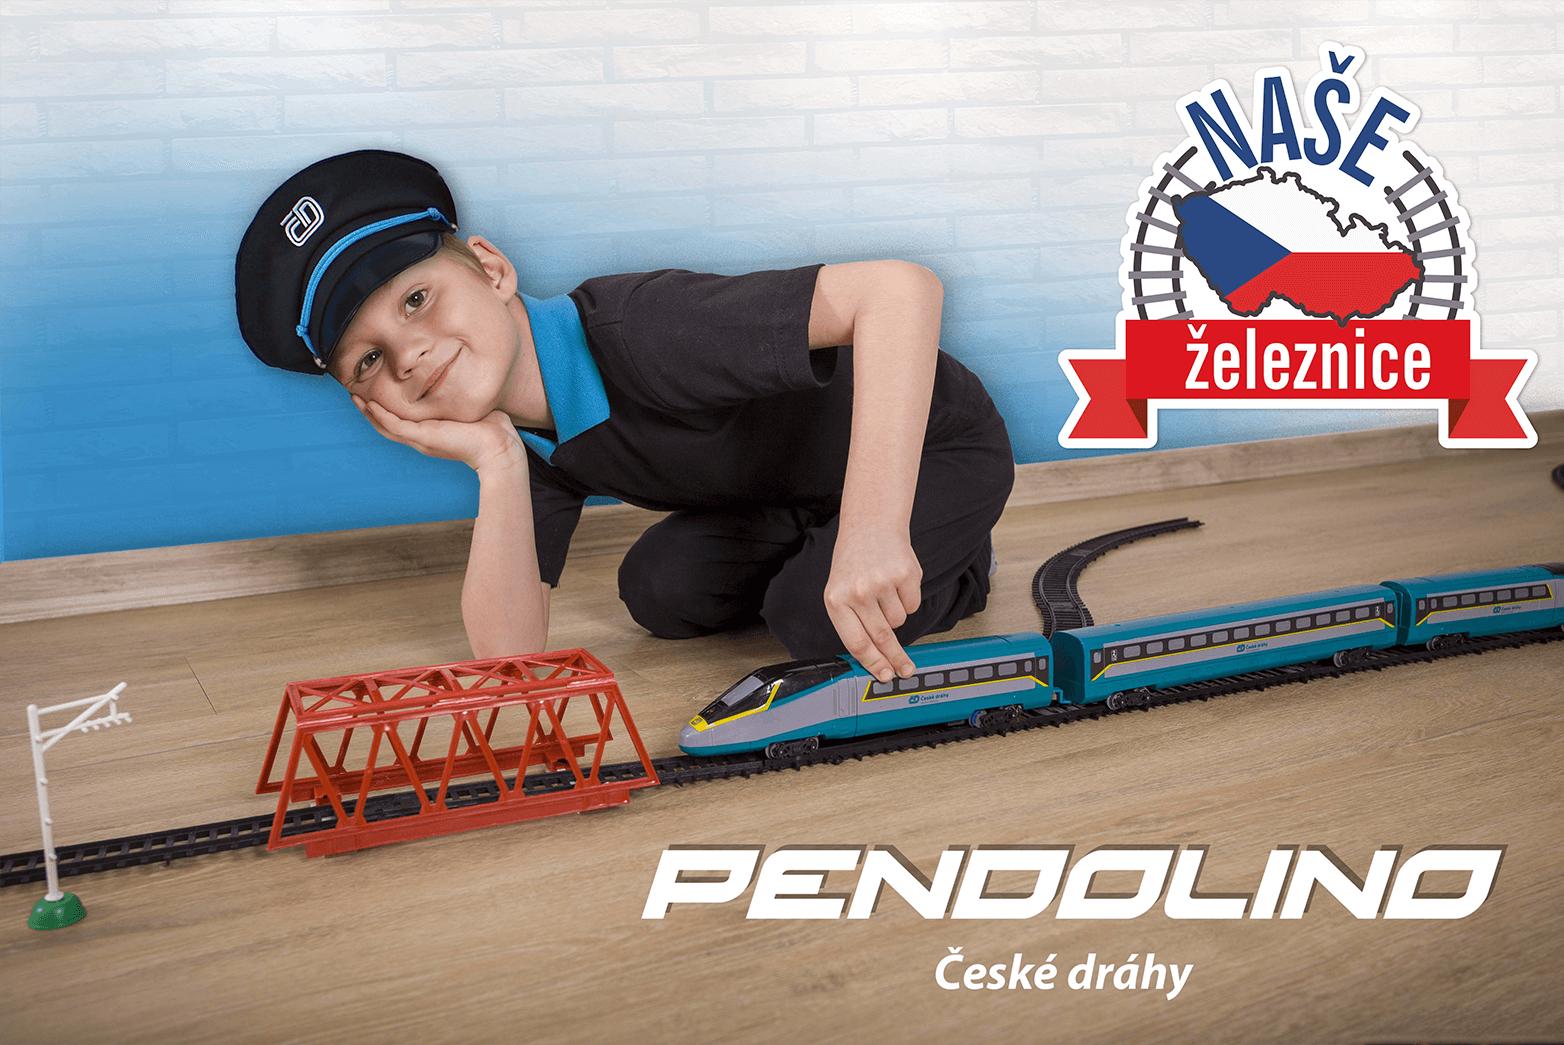 Vlak České dráhy SC Pendolino